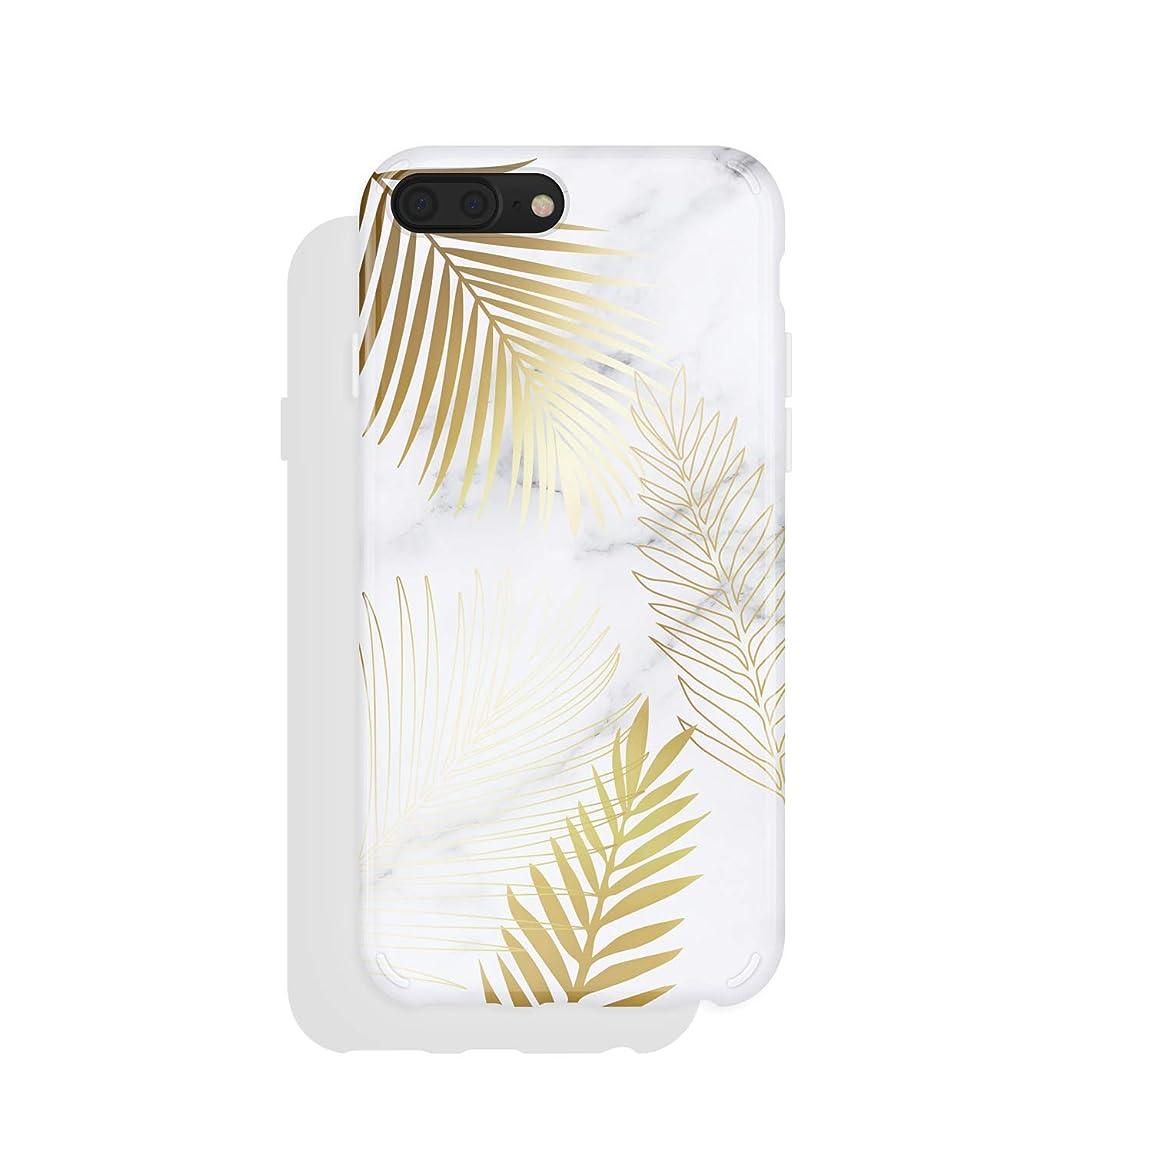 イースターカナダガソリンiPhone 8 Plus&iPhone 7 PlusケースMarble、アクナファンタジーシリーズハイインパクトシリコンカバー、iPhone 8 Plus&iPhone 7 Plus用HDグラフィックス(101390-CA)